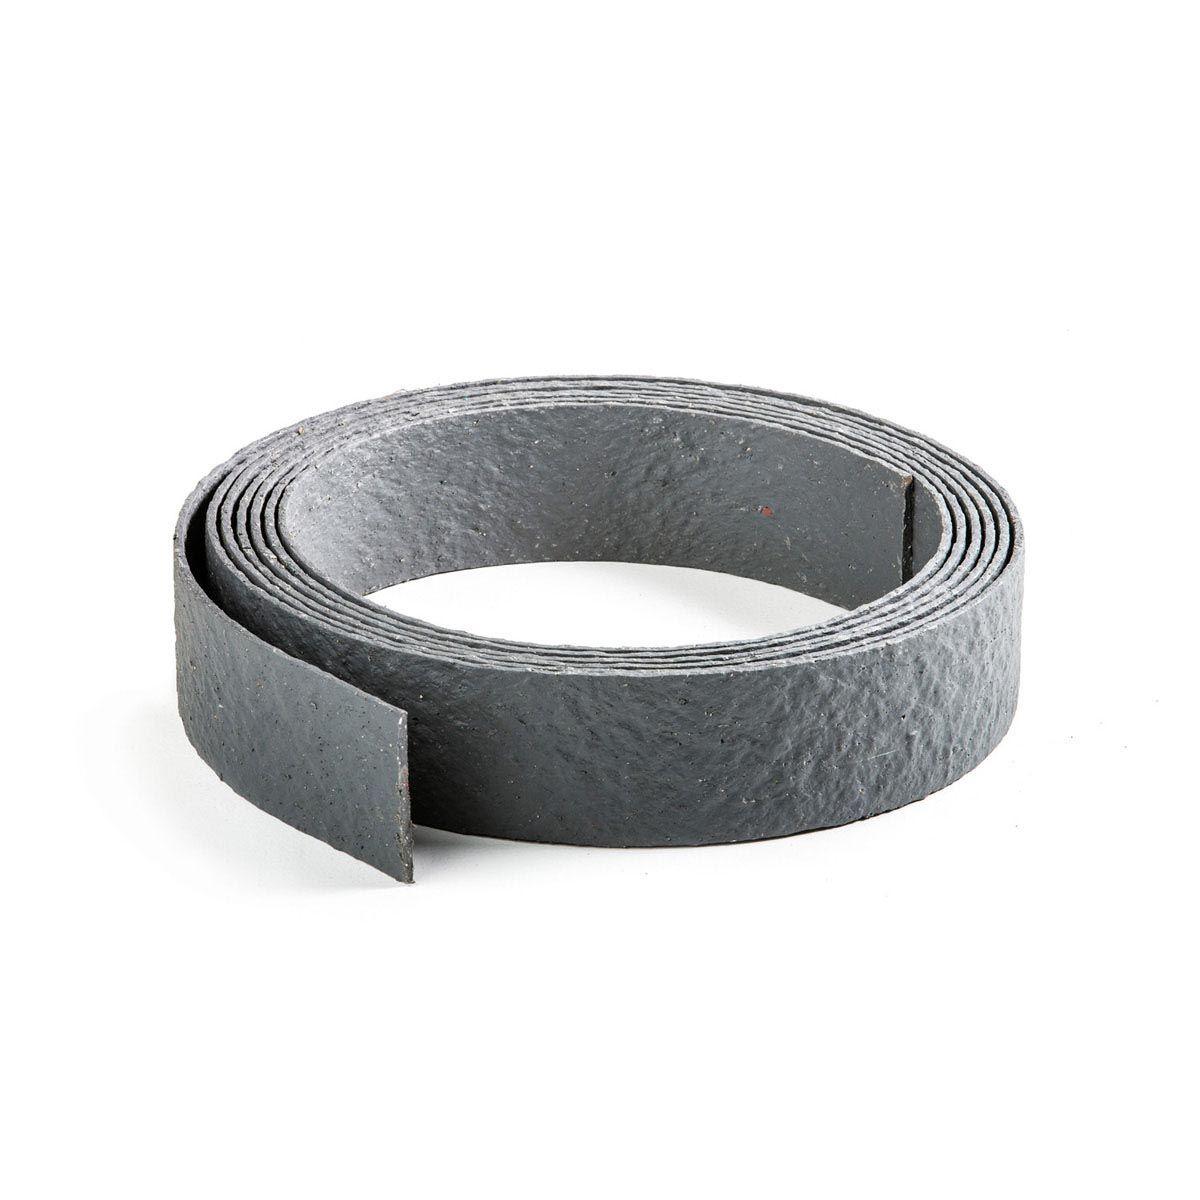 Teich-Umrandungsband, aus Recycling-Kunststoff, grau, 10 m x 14 x 0.7 cm